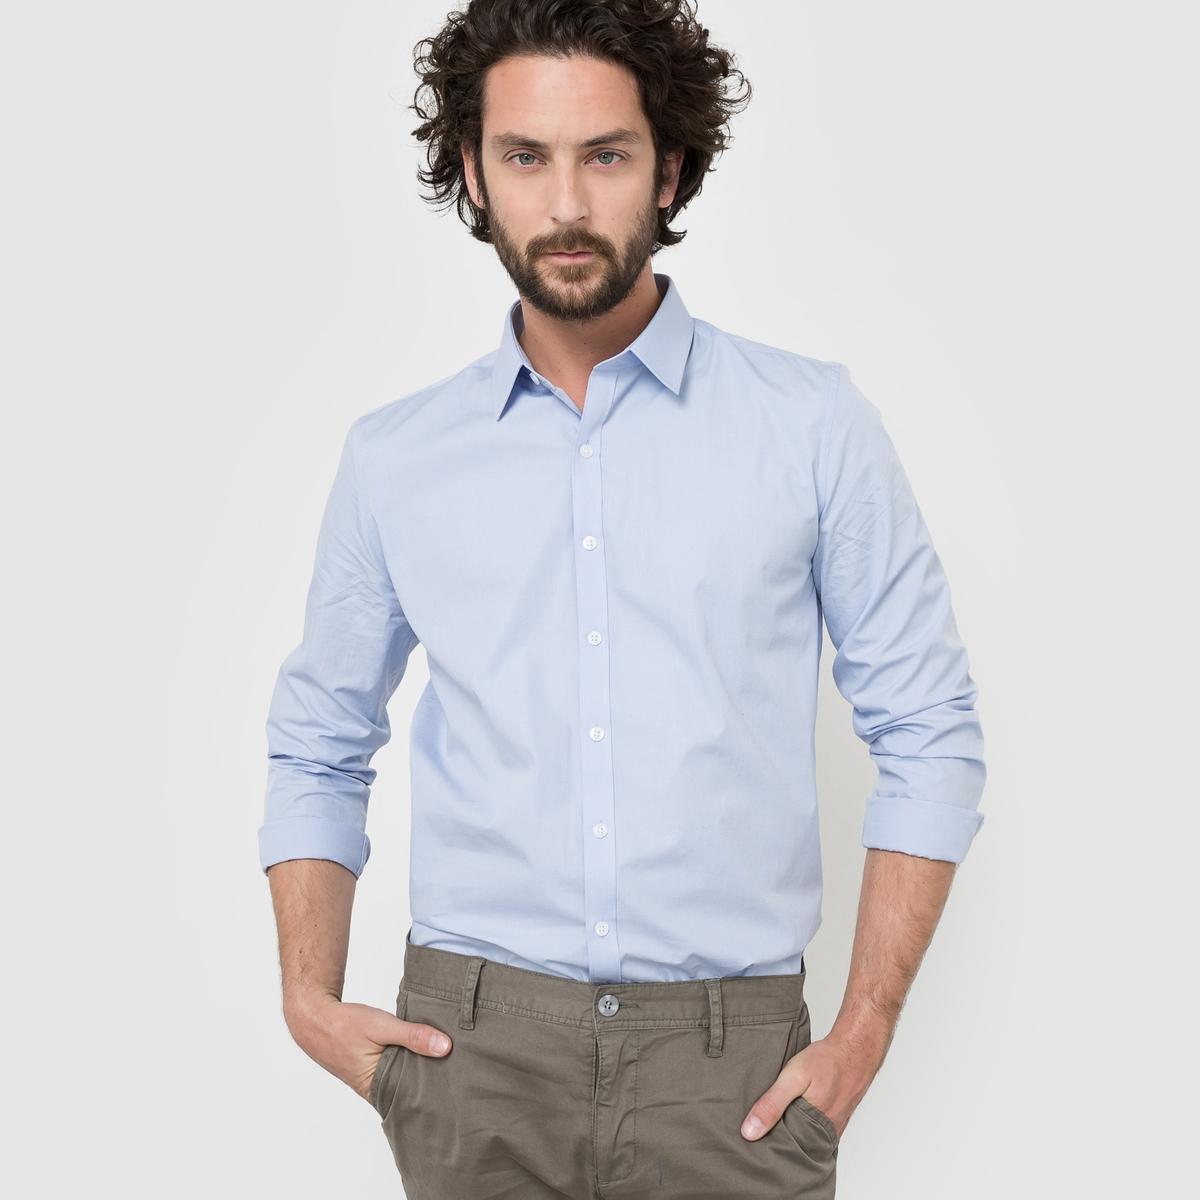 Рубашка однотонная прямого покрояРубашка прямого покроя с длинными рукавами. Длина 77 см.   Легкая глажка.Низ рукавов с застежкой на пуговицы. 55% хлопка, 45% полиэстера.<br><br>Цвет: белый,небесно-голубой,темно-синий,черный<br>Размер: 45/46.41/42.43/44.35/36.41/42.43/44.35/36.43/44